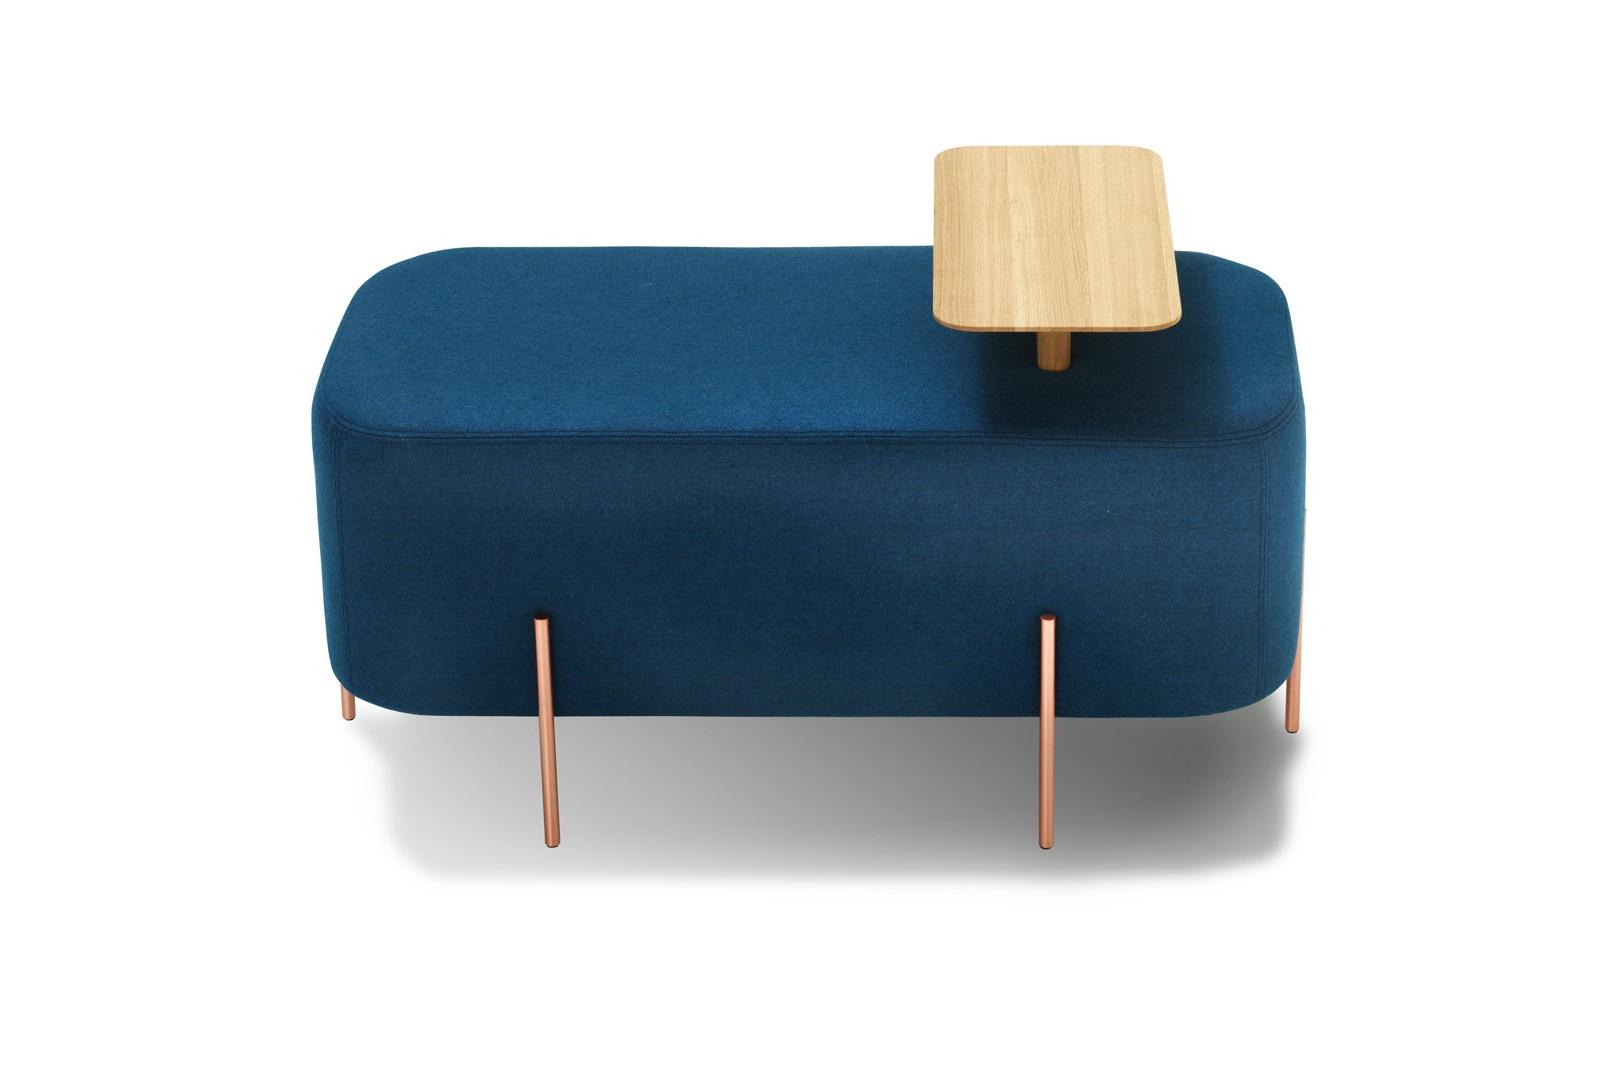 Пуфик ElephantФорменные пуфы<br>Пуфик Elephant от компании Sancal – это выразительный предмет мягкой мебели с простой геометрической формой, металлическим каркасом и деревянным поддоном. Он универсален в использовании и может служить подставкой для ног дома, табуретом в кафе, удобным сиденьем на ресепшн – и не только. Для создания пуфа дизайнеры Nadadora выбрали благородные и надежные материалы – дуб, шерсть, лен и хлопок, а также медь и графит для покрытия ножек. Приобрести этот приятный предмет дизайнерской мебели вы можете в нашем интернет-магазине.<br><br>Material: Текстиль<br>Width см: 45<br>Depth см: 45<br>Height см: 42